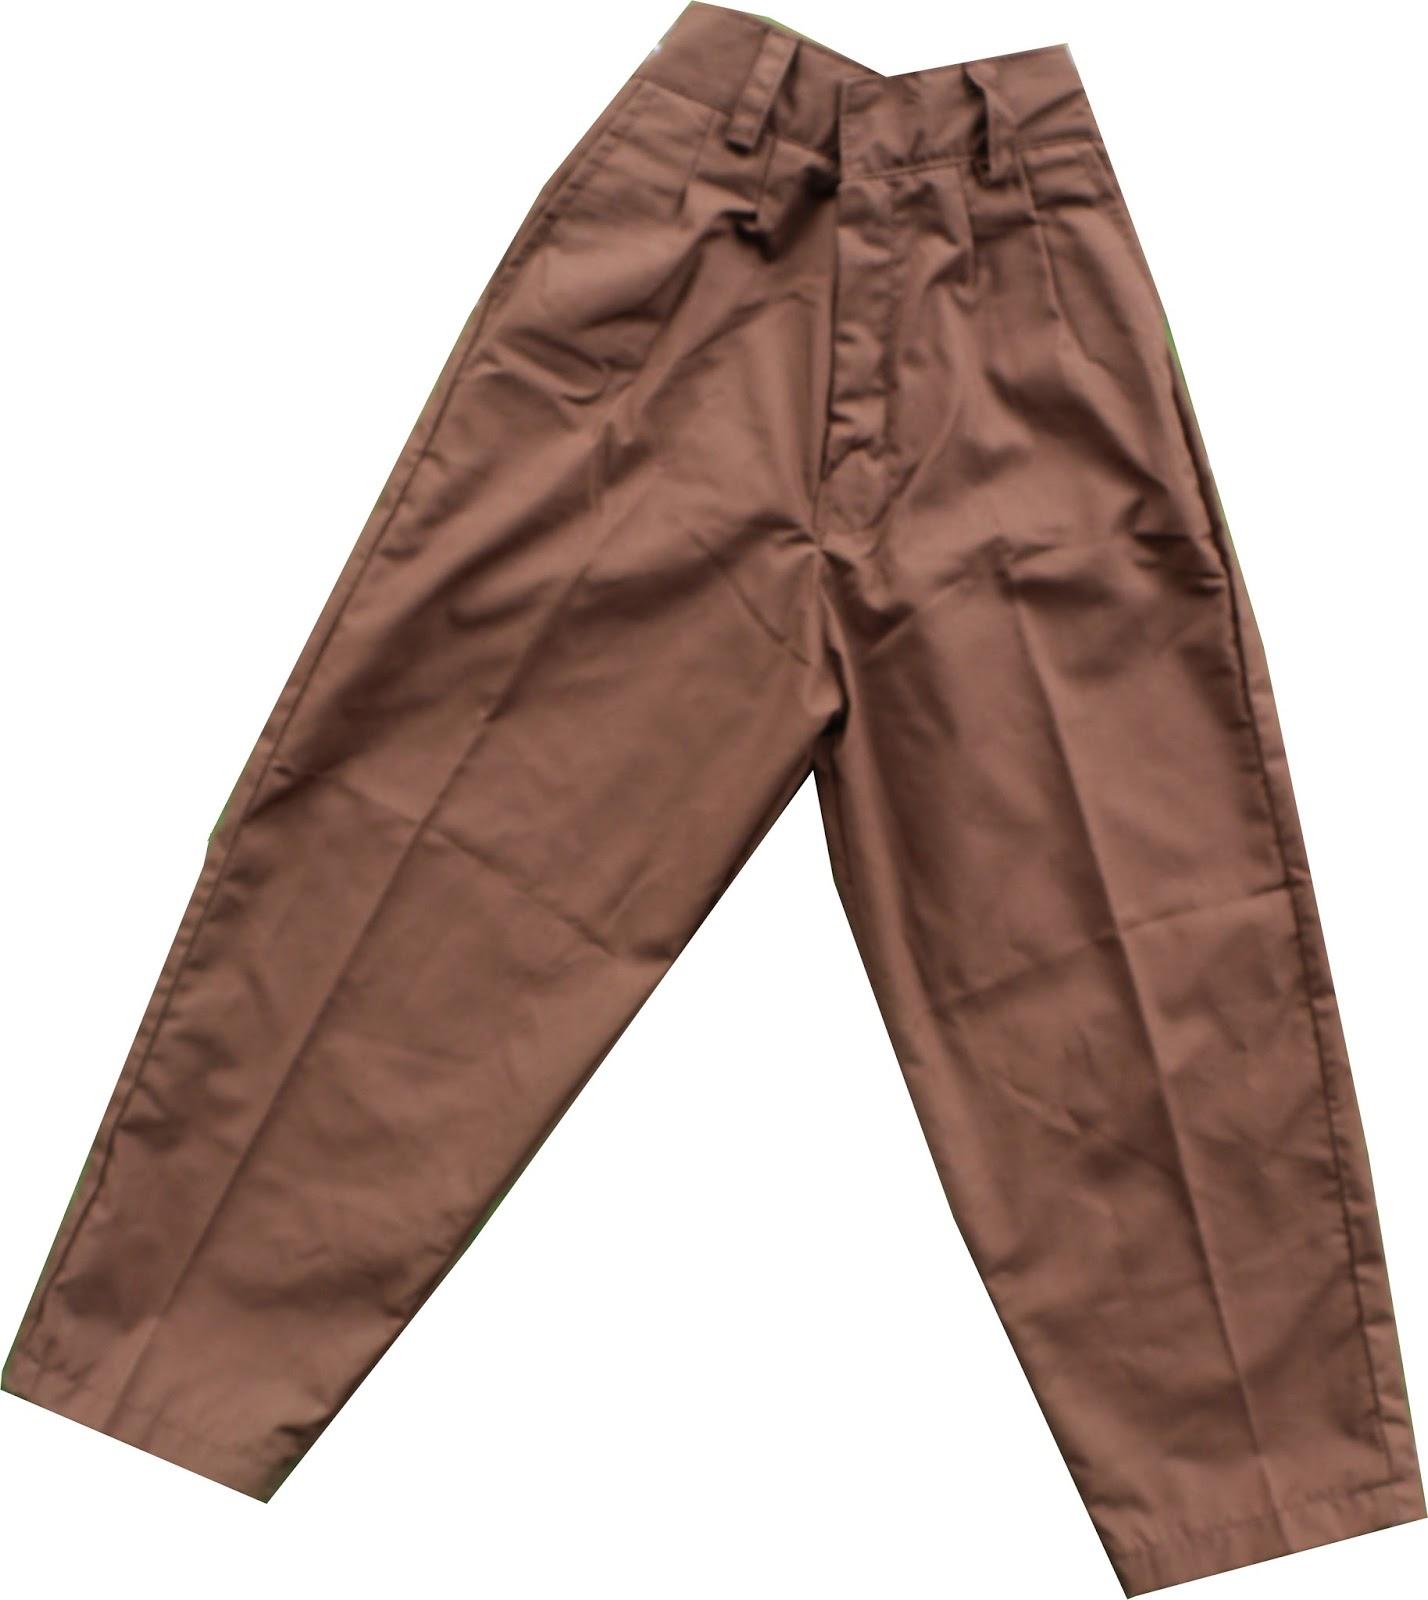 Celana Pramuka Panjang SD uk 12,13